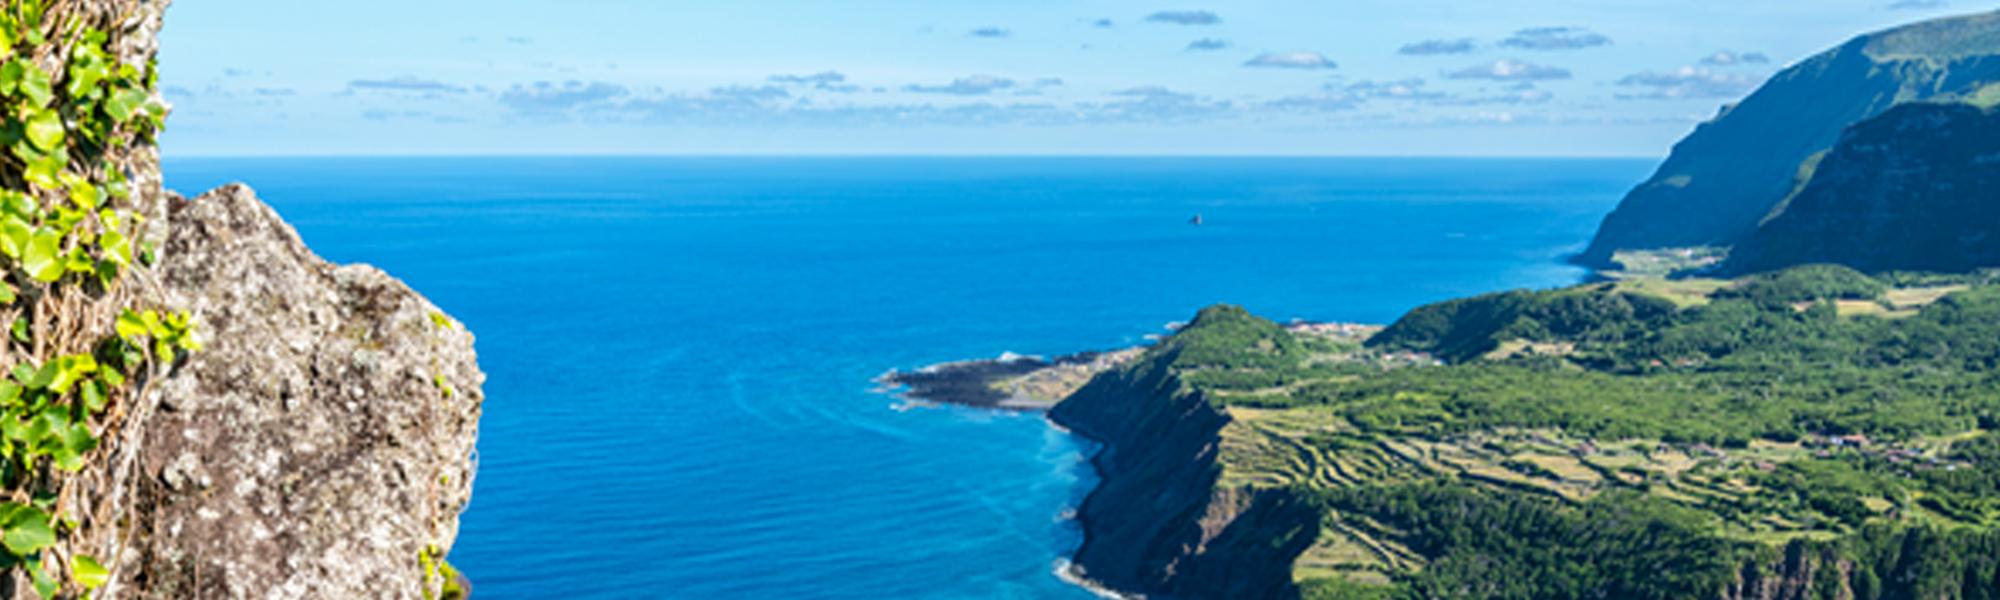 Flores_Açores2_Voiles-eco-Guides-1